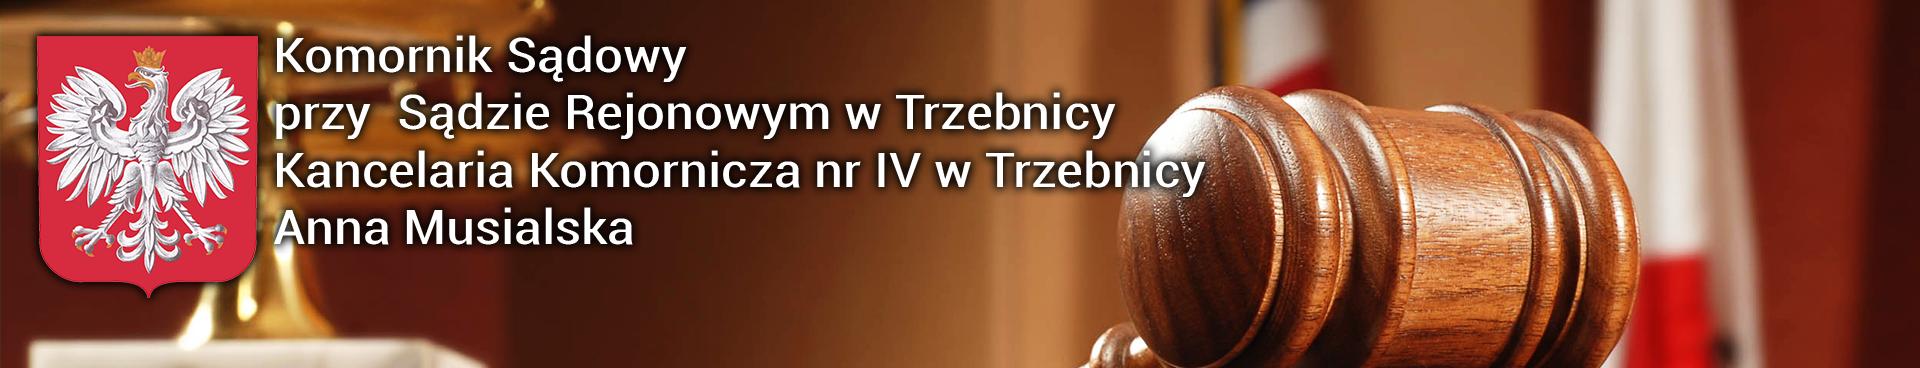 Komornik Sądowy przy Sądzie Rejonowym w Trzebnicy Anna Musialska